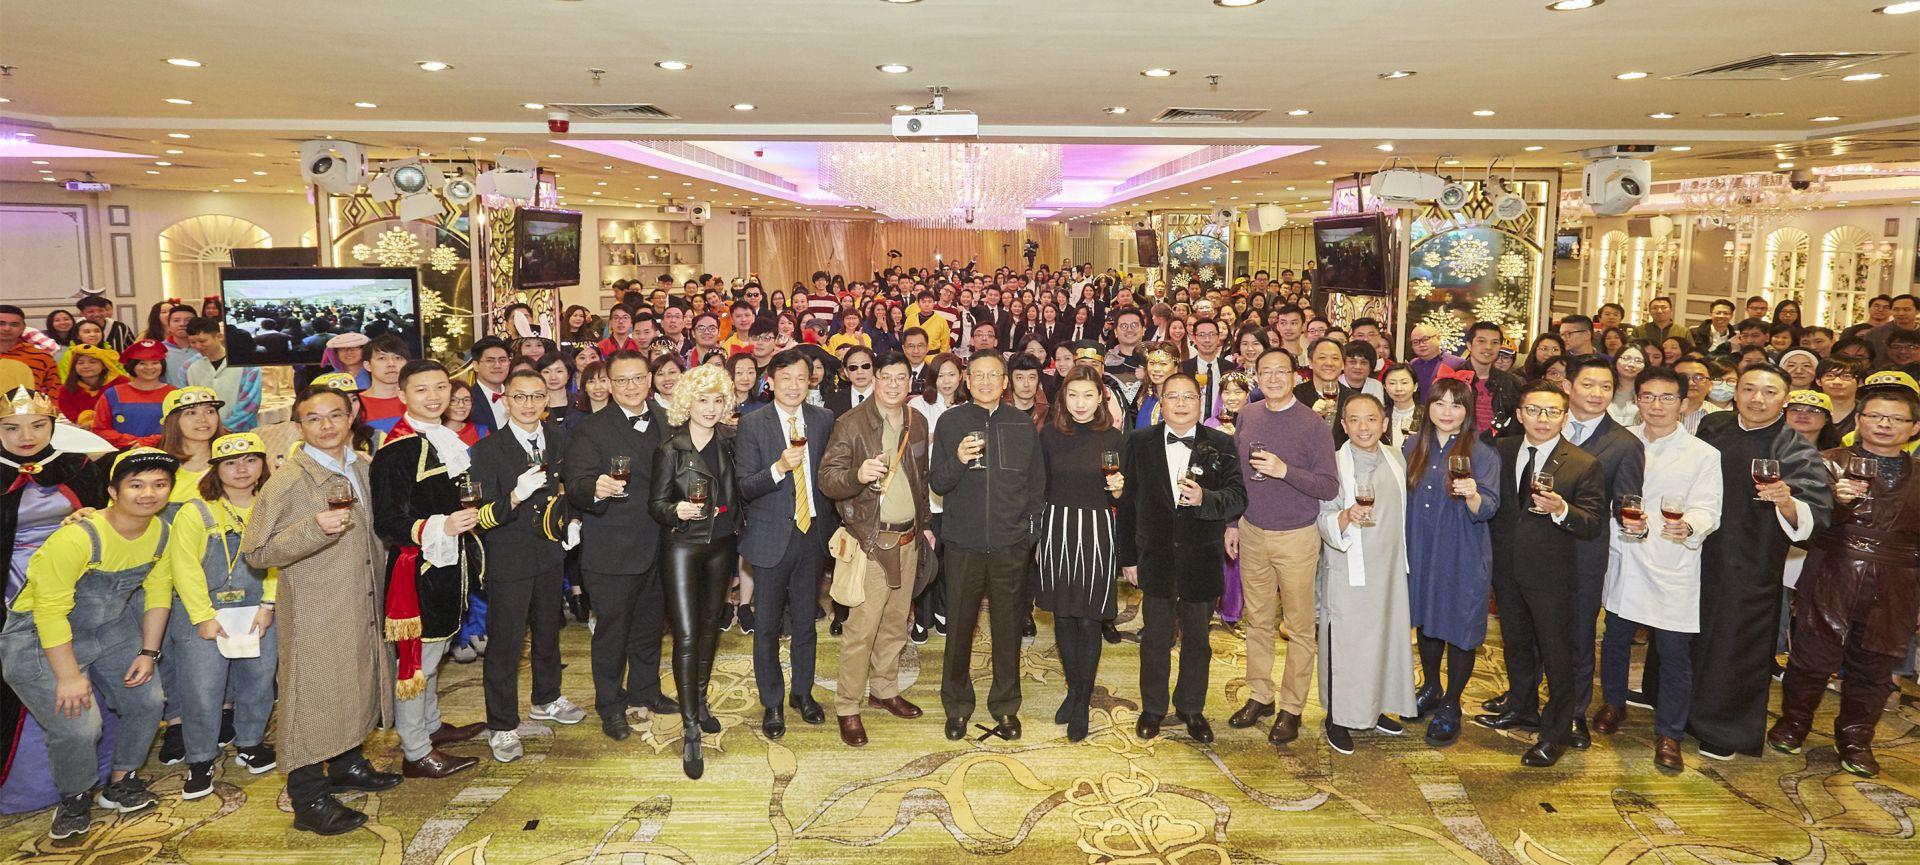 圖片說明:美聯「2019中央專業部門周年晚宴」以「經典電影角色」為主題,集團主席黃建業、副主席黃靜怡等一眾管理層出席支持。